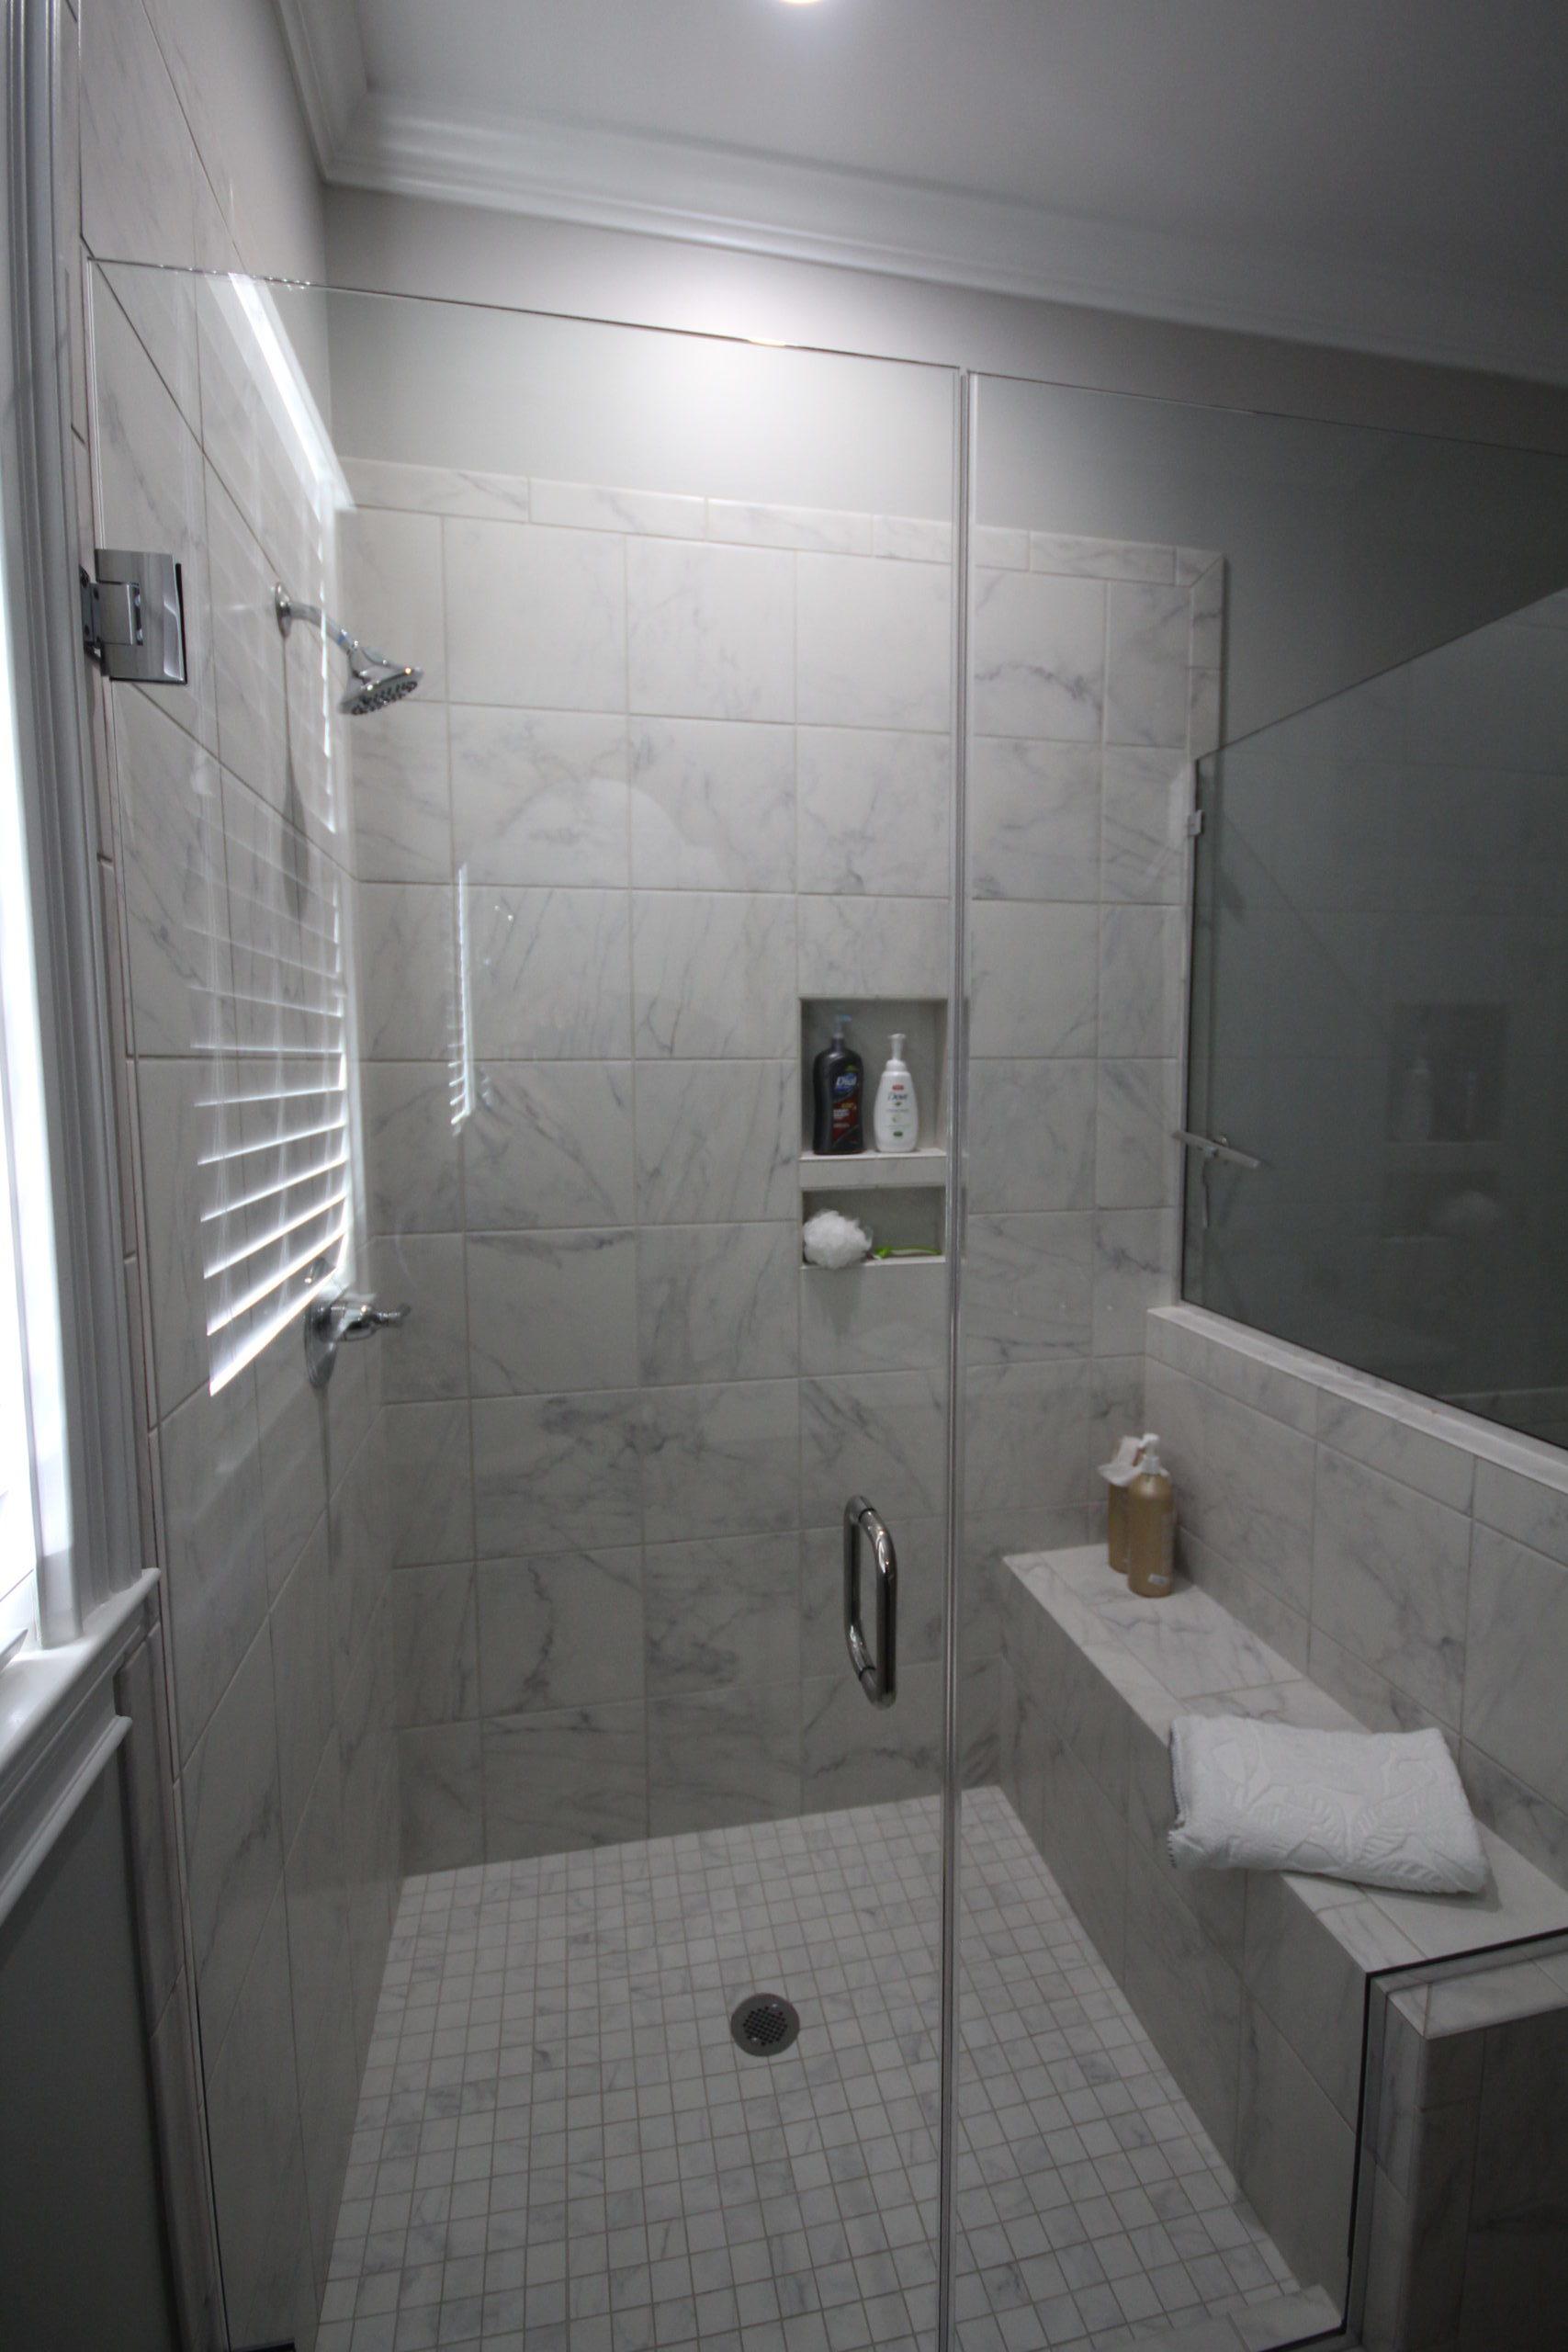 bathroom-remodeling-work-TAG-Builders-27-KP-Bathroom-ba-2-scaled-e1586517918522